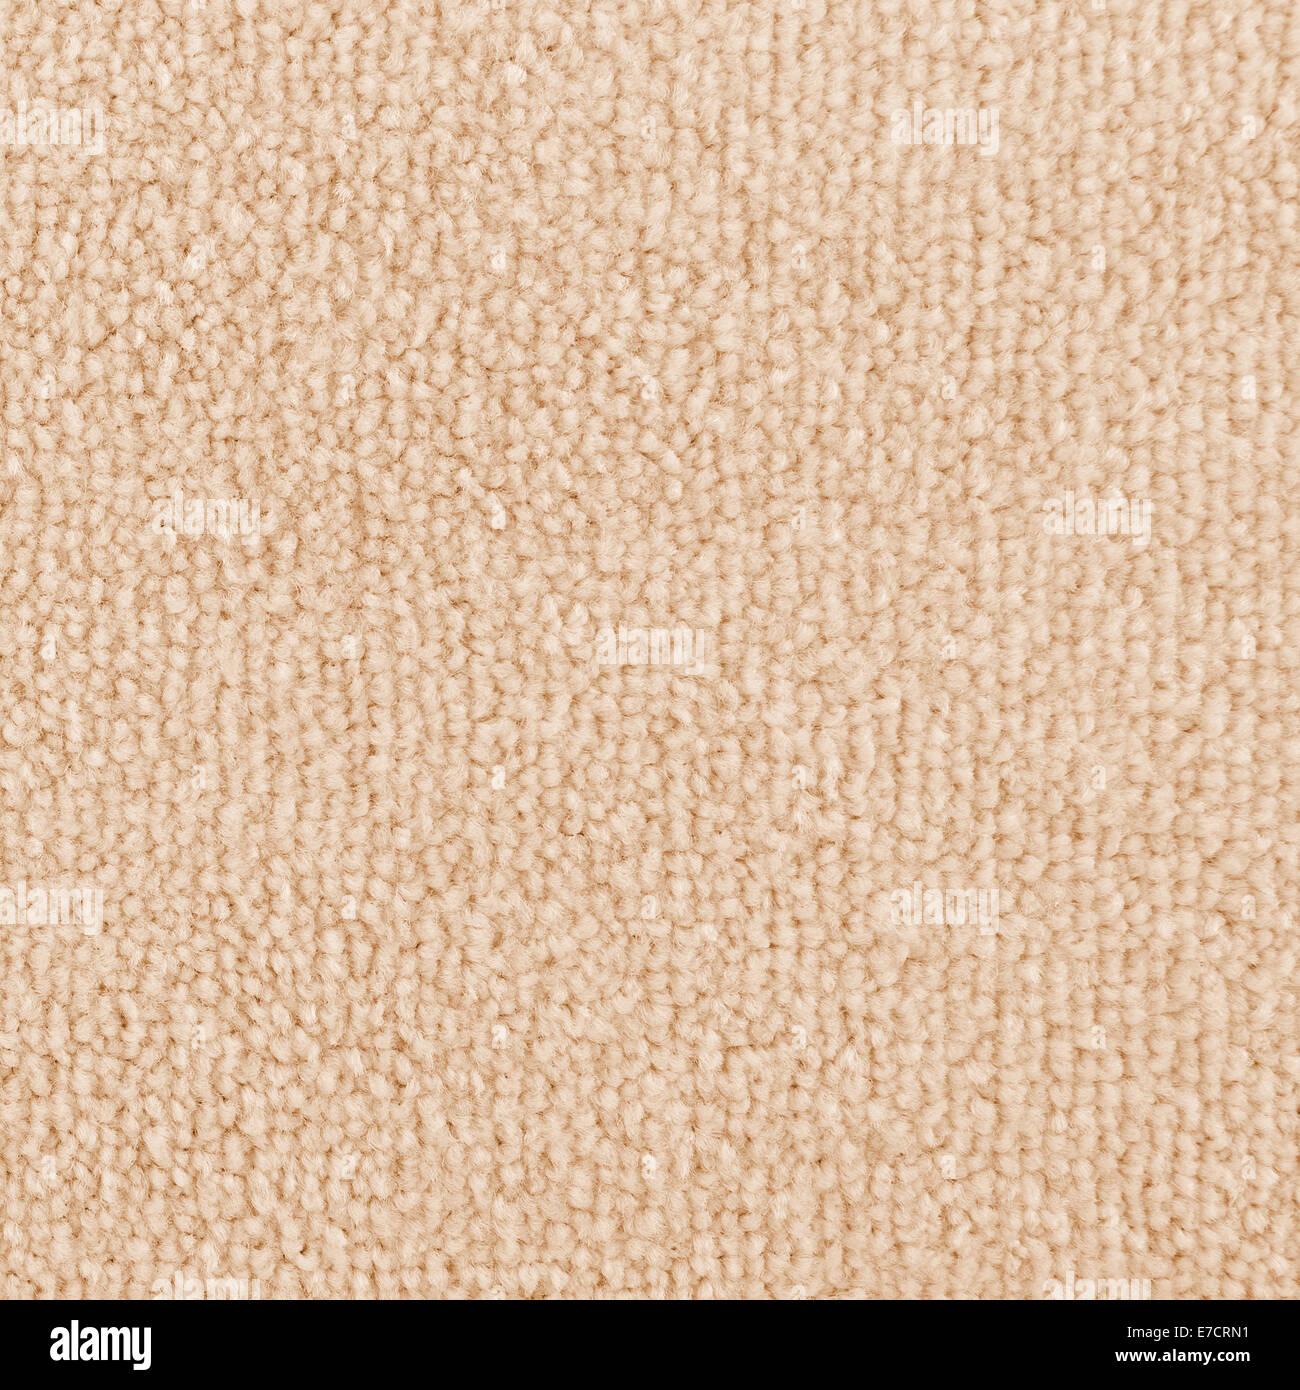 Le nouveau tapis de texture. La moquette beige claire comme arrière-plan transparent. Photo Stock